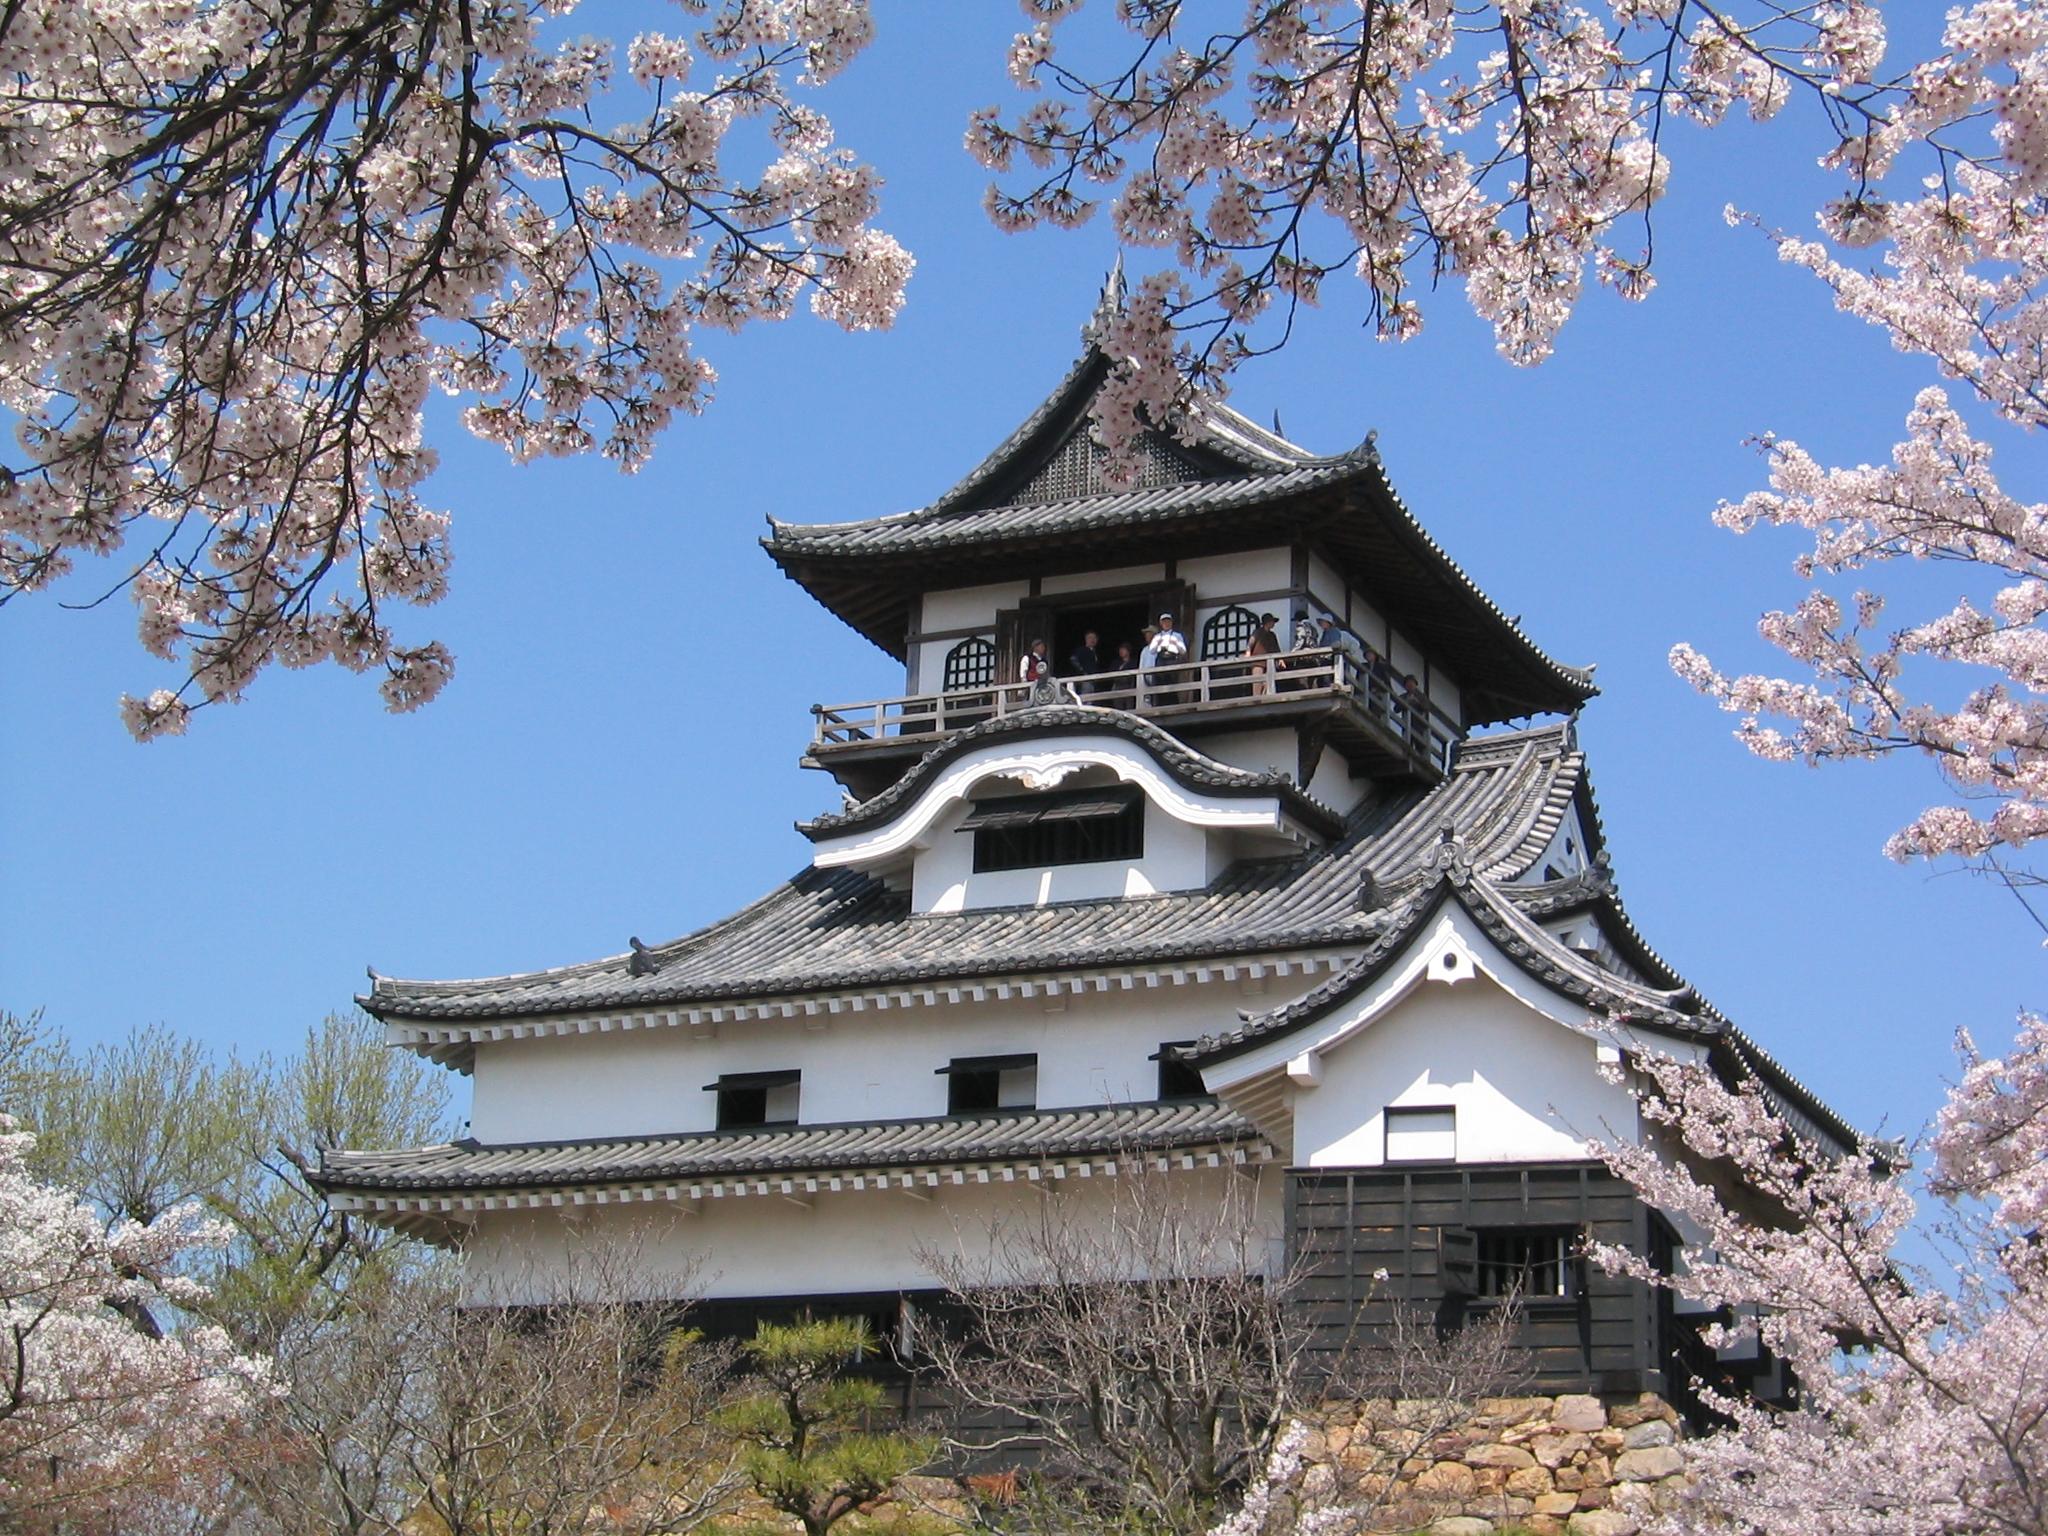 愛知県北側の県境にある犬山城は、現存する城の中で最も古い天守閣のある城です。また、2006年まで個人所有だったことから、今も城主が健在だそうです。かつては幾度もの戦いの舞台となり、城主も何人も変わりました。ここでは犬山市のシンボルとも言える犬山城を紹介します。のサムネイル画像